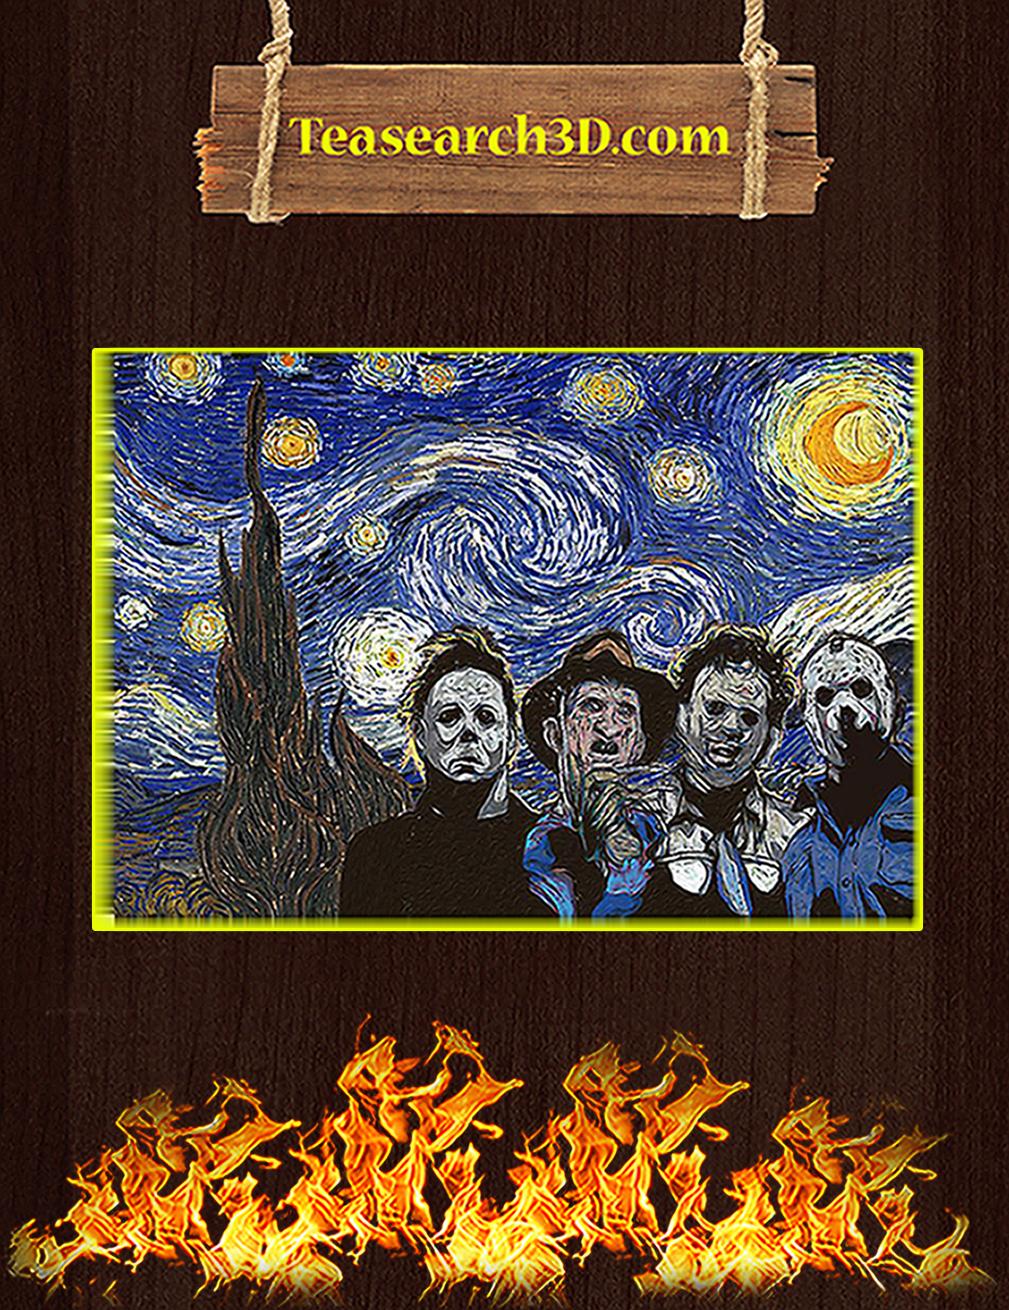 Horror movies killer starry night van gogh poster